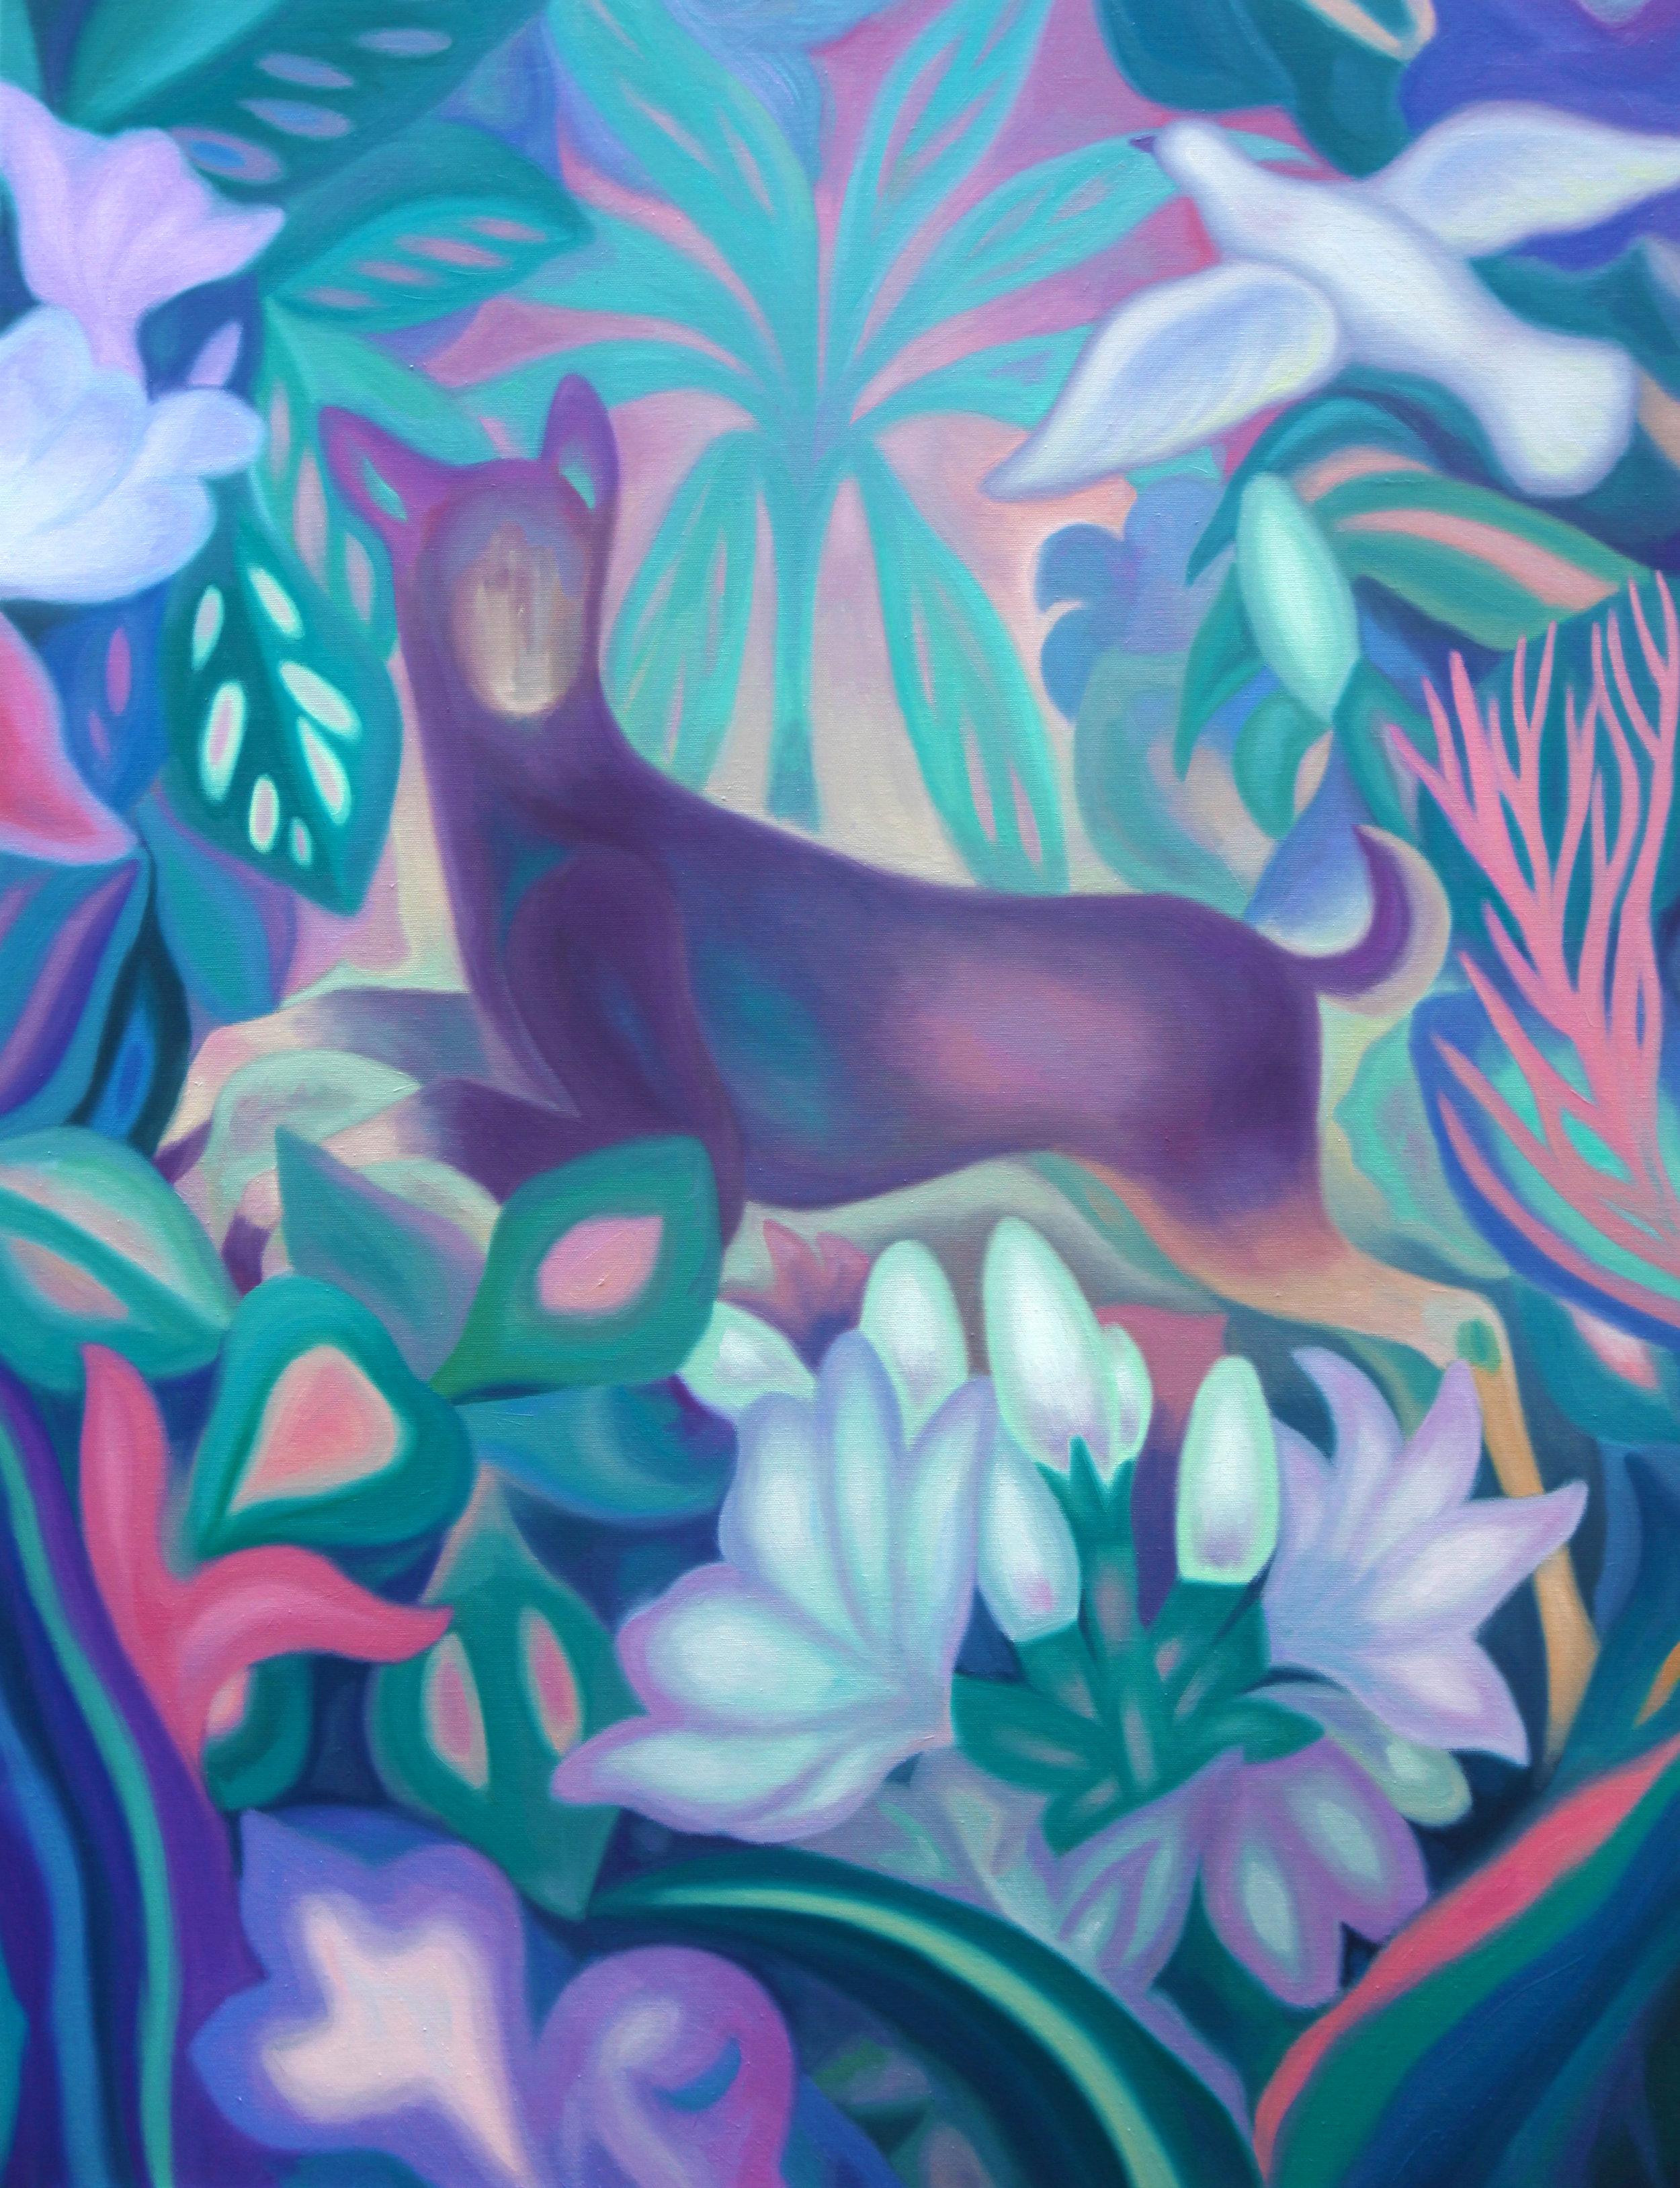 La métamorphose d'Actéon  , 2018, oil on linen canvas, 116x89cm